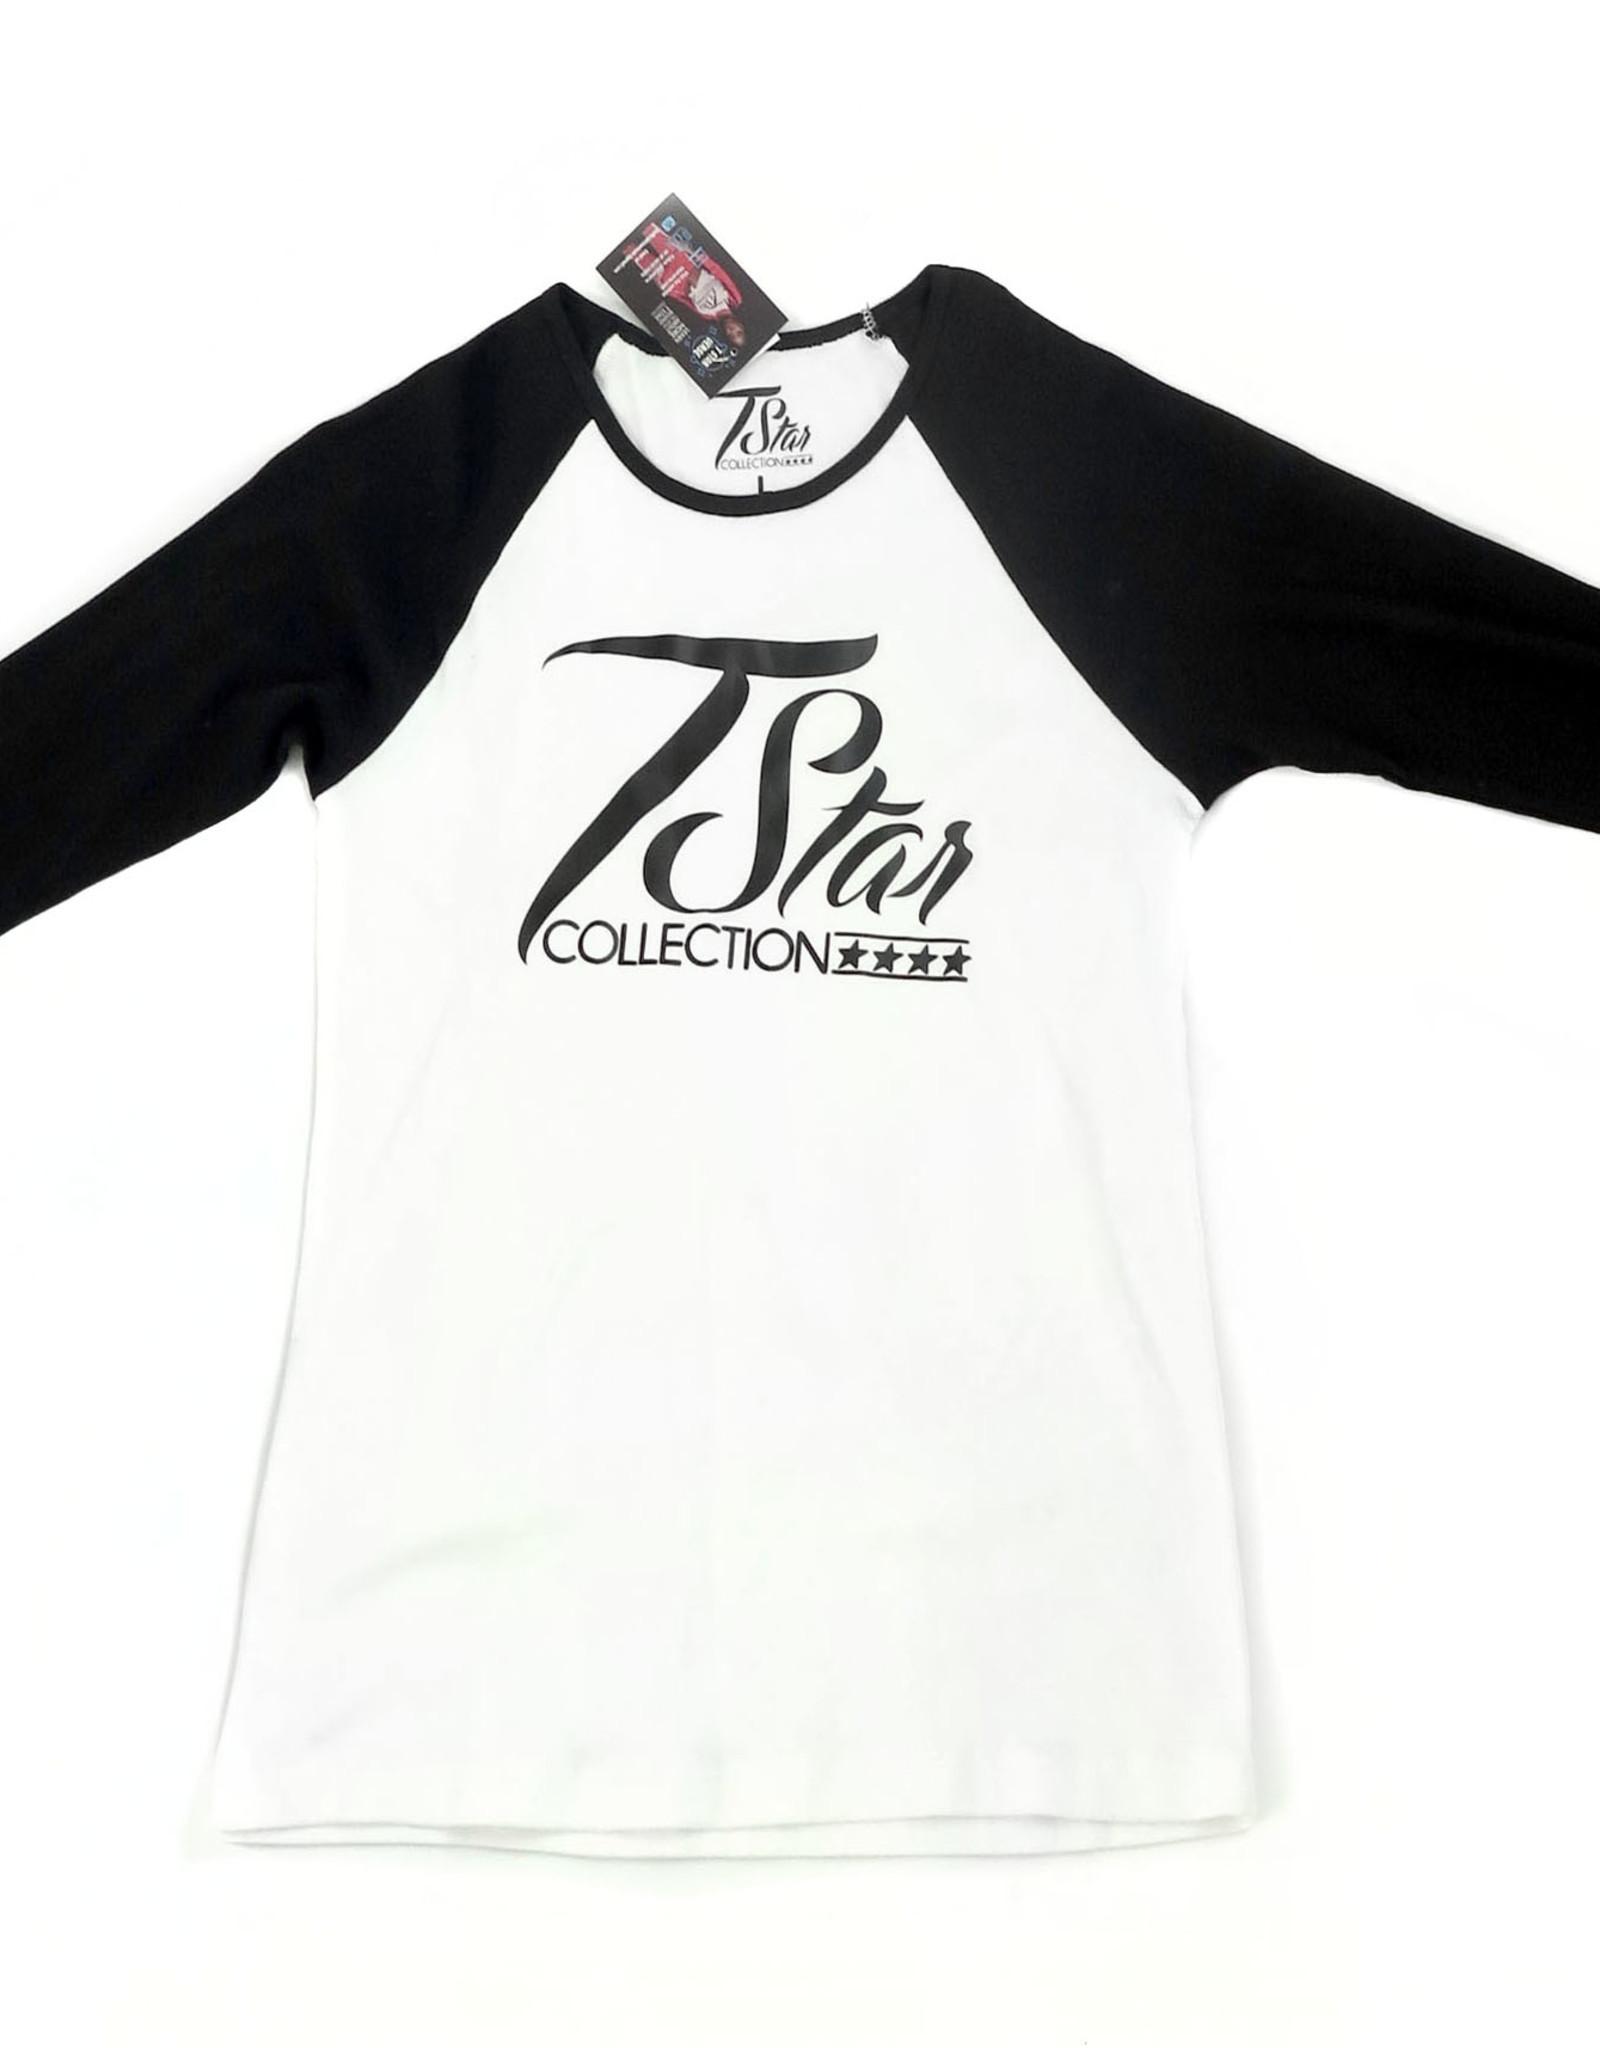 TStar Tstar  Baseball tshirt